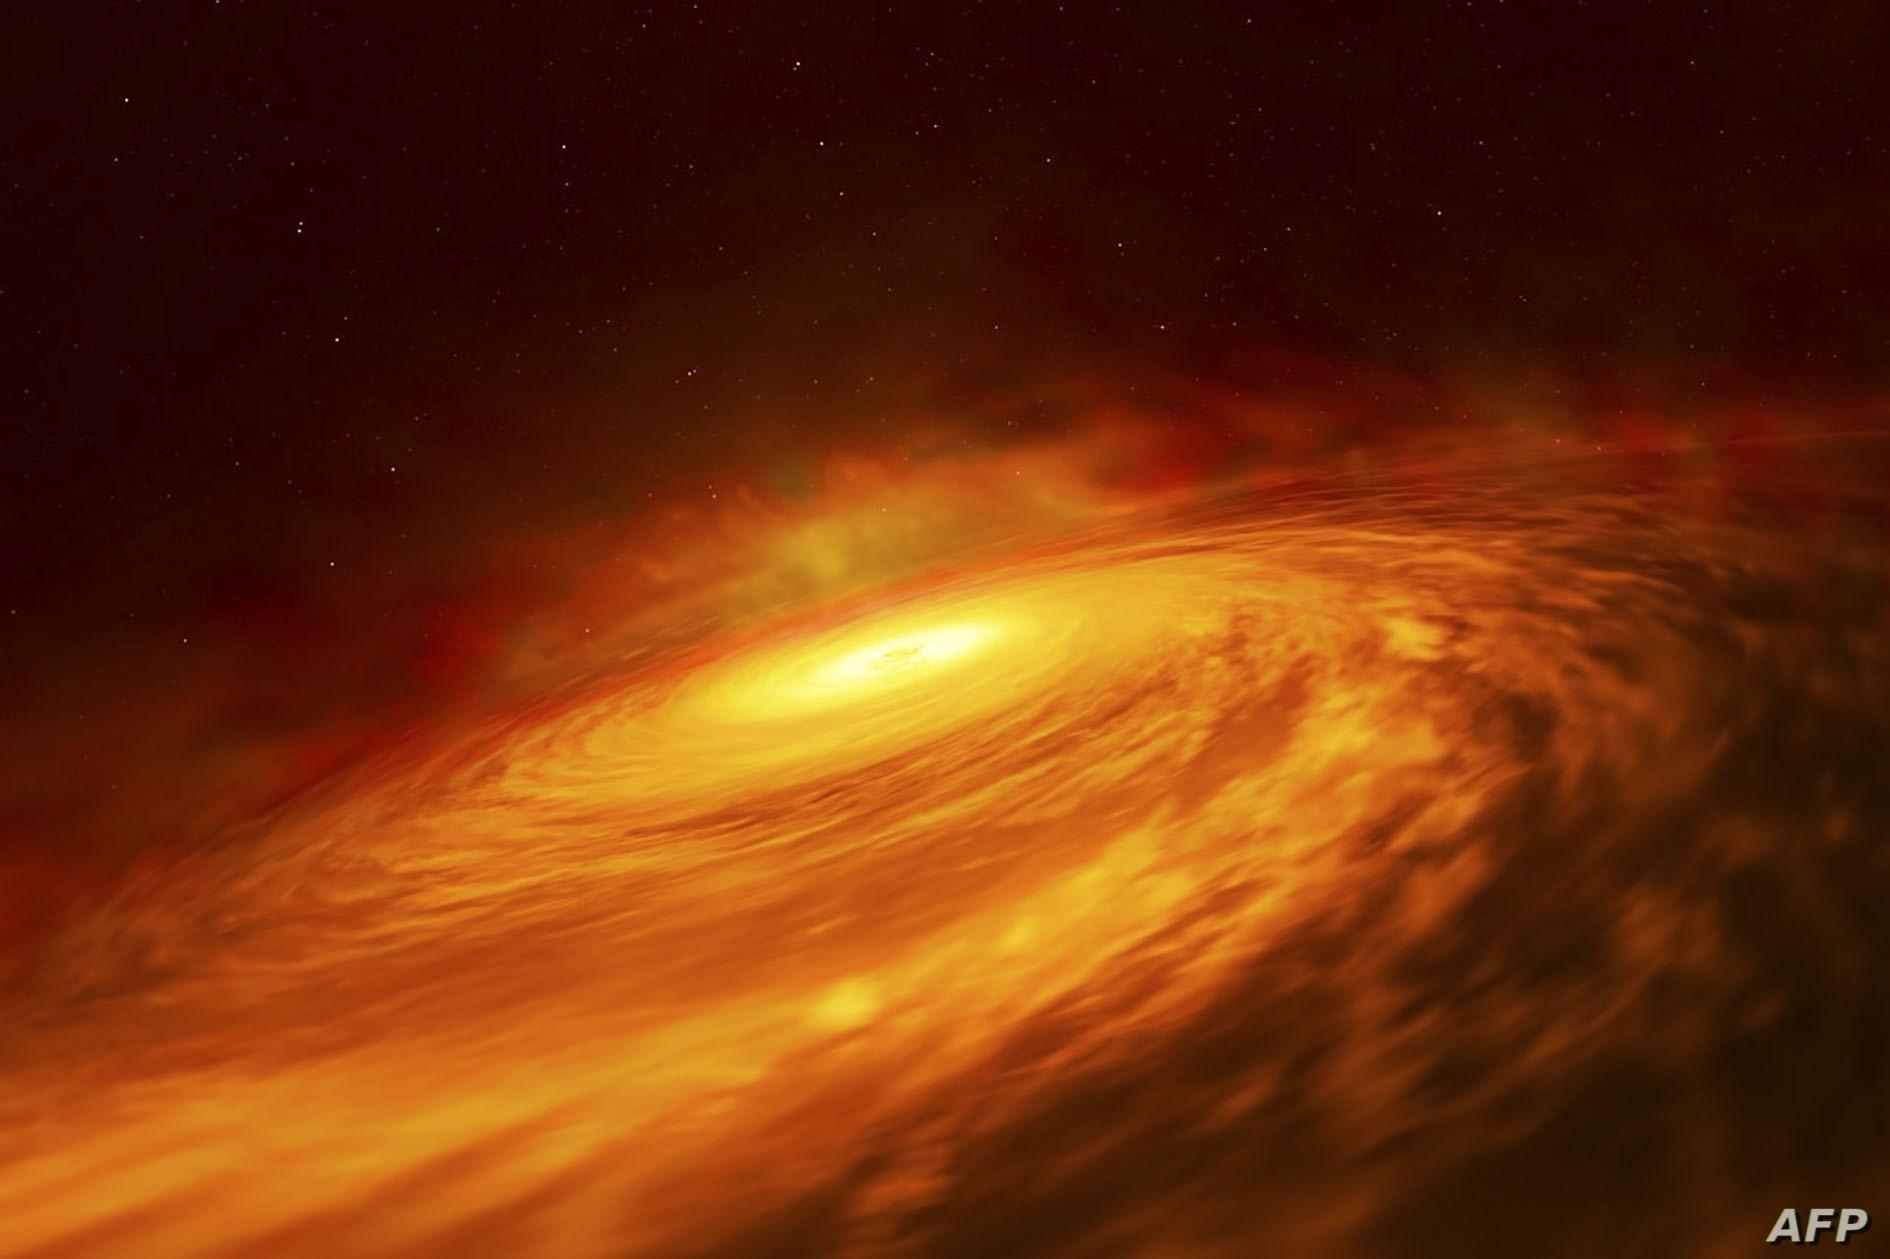 يحدث انفجار الضوء عندما يقترب النجم كثيراً من الثقب الأسود